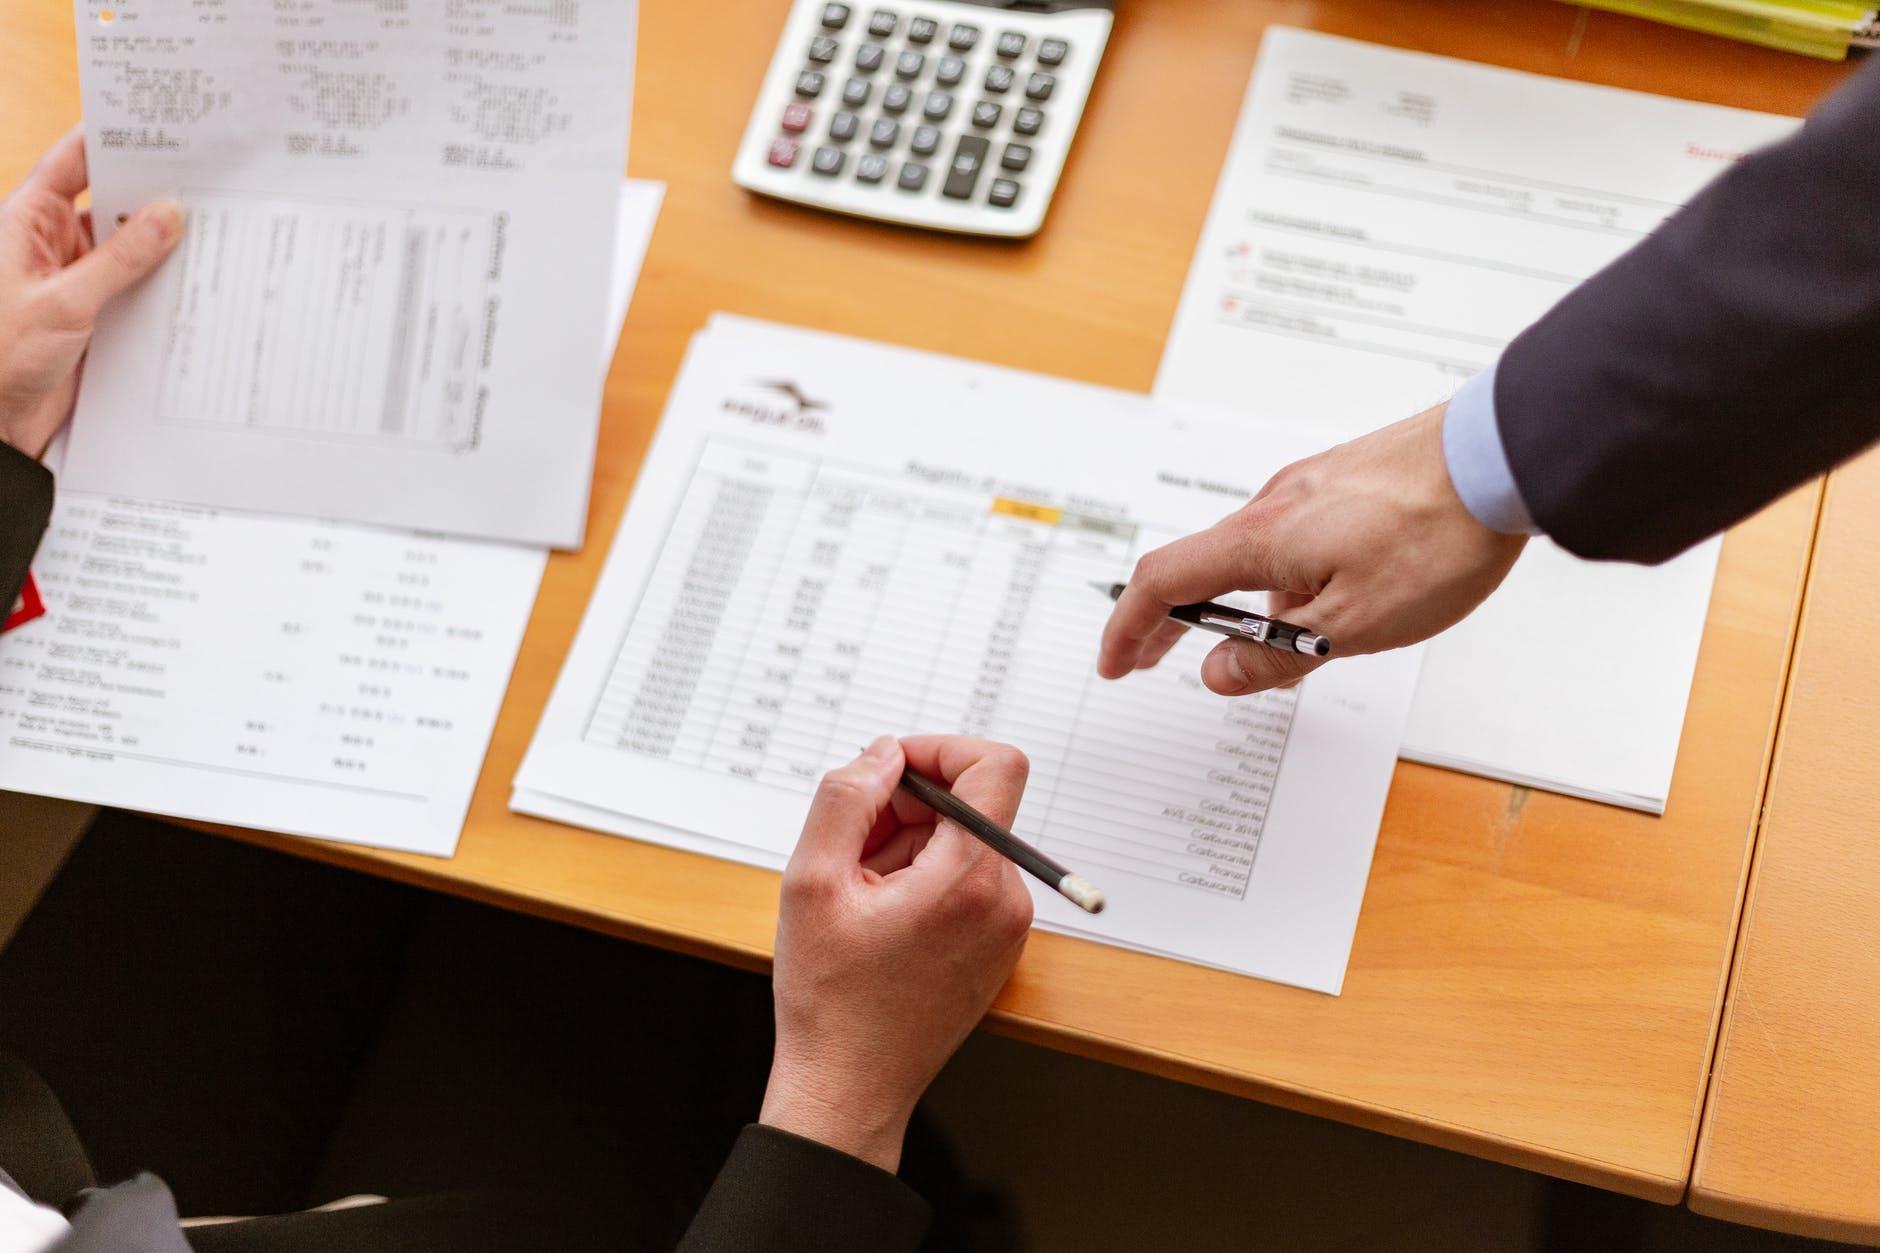 Что делать, если ваш бизнес необоснованно кошмарят проверками?